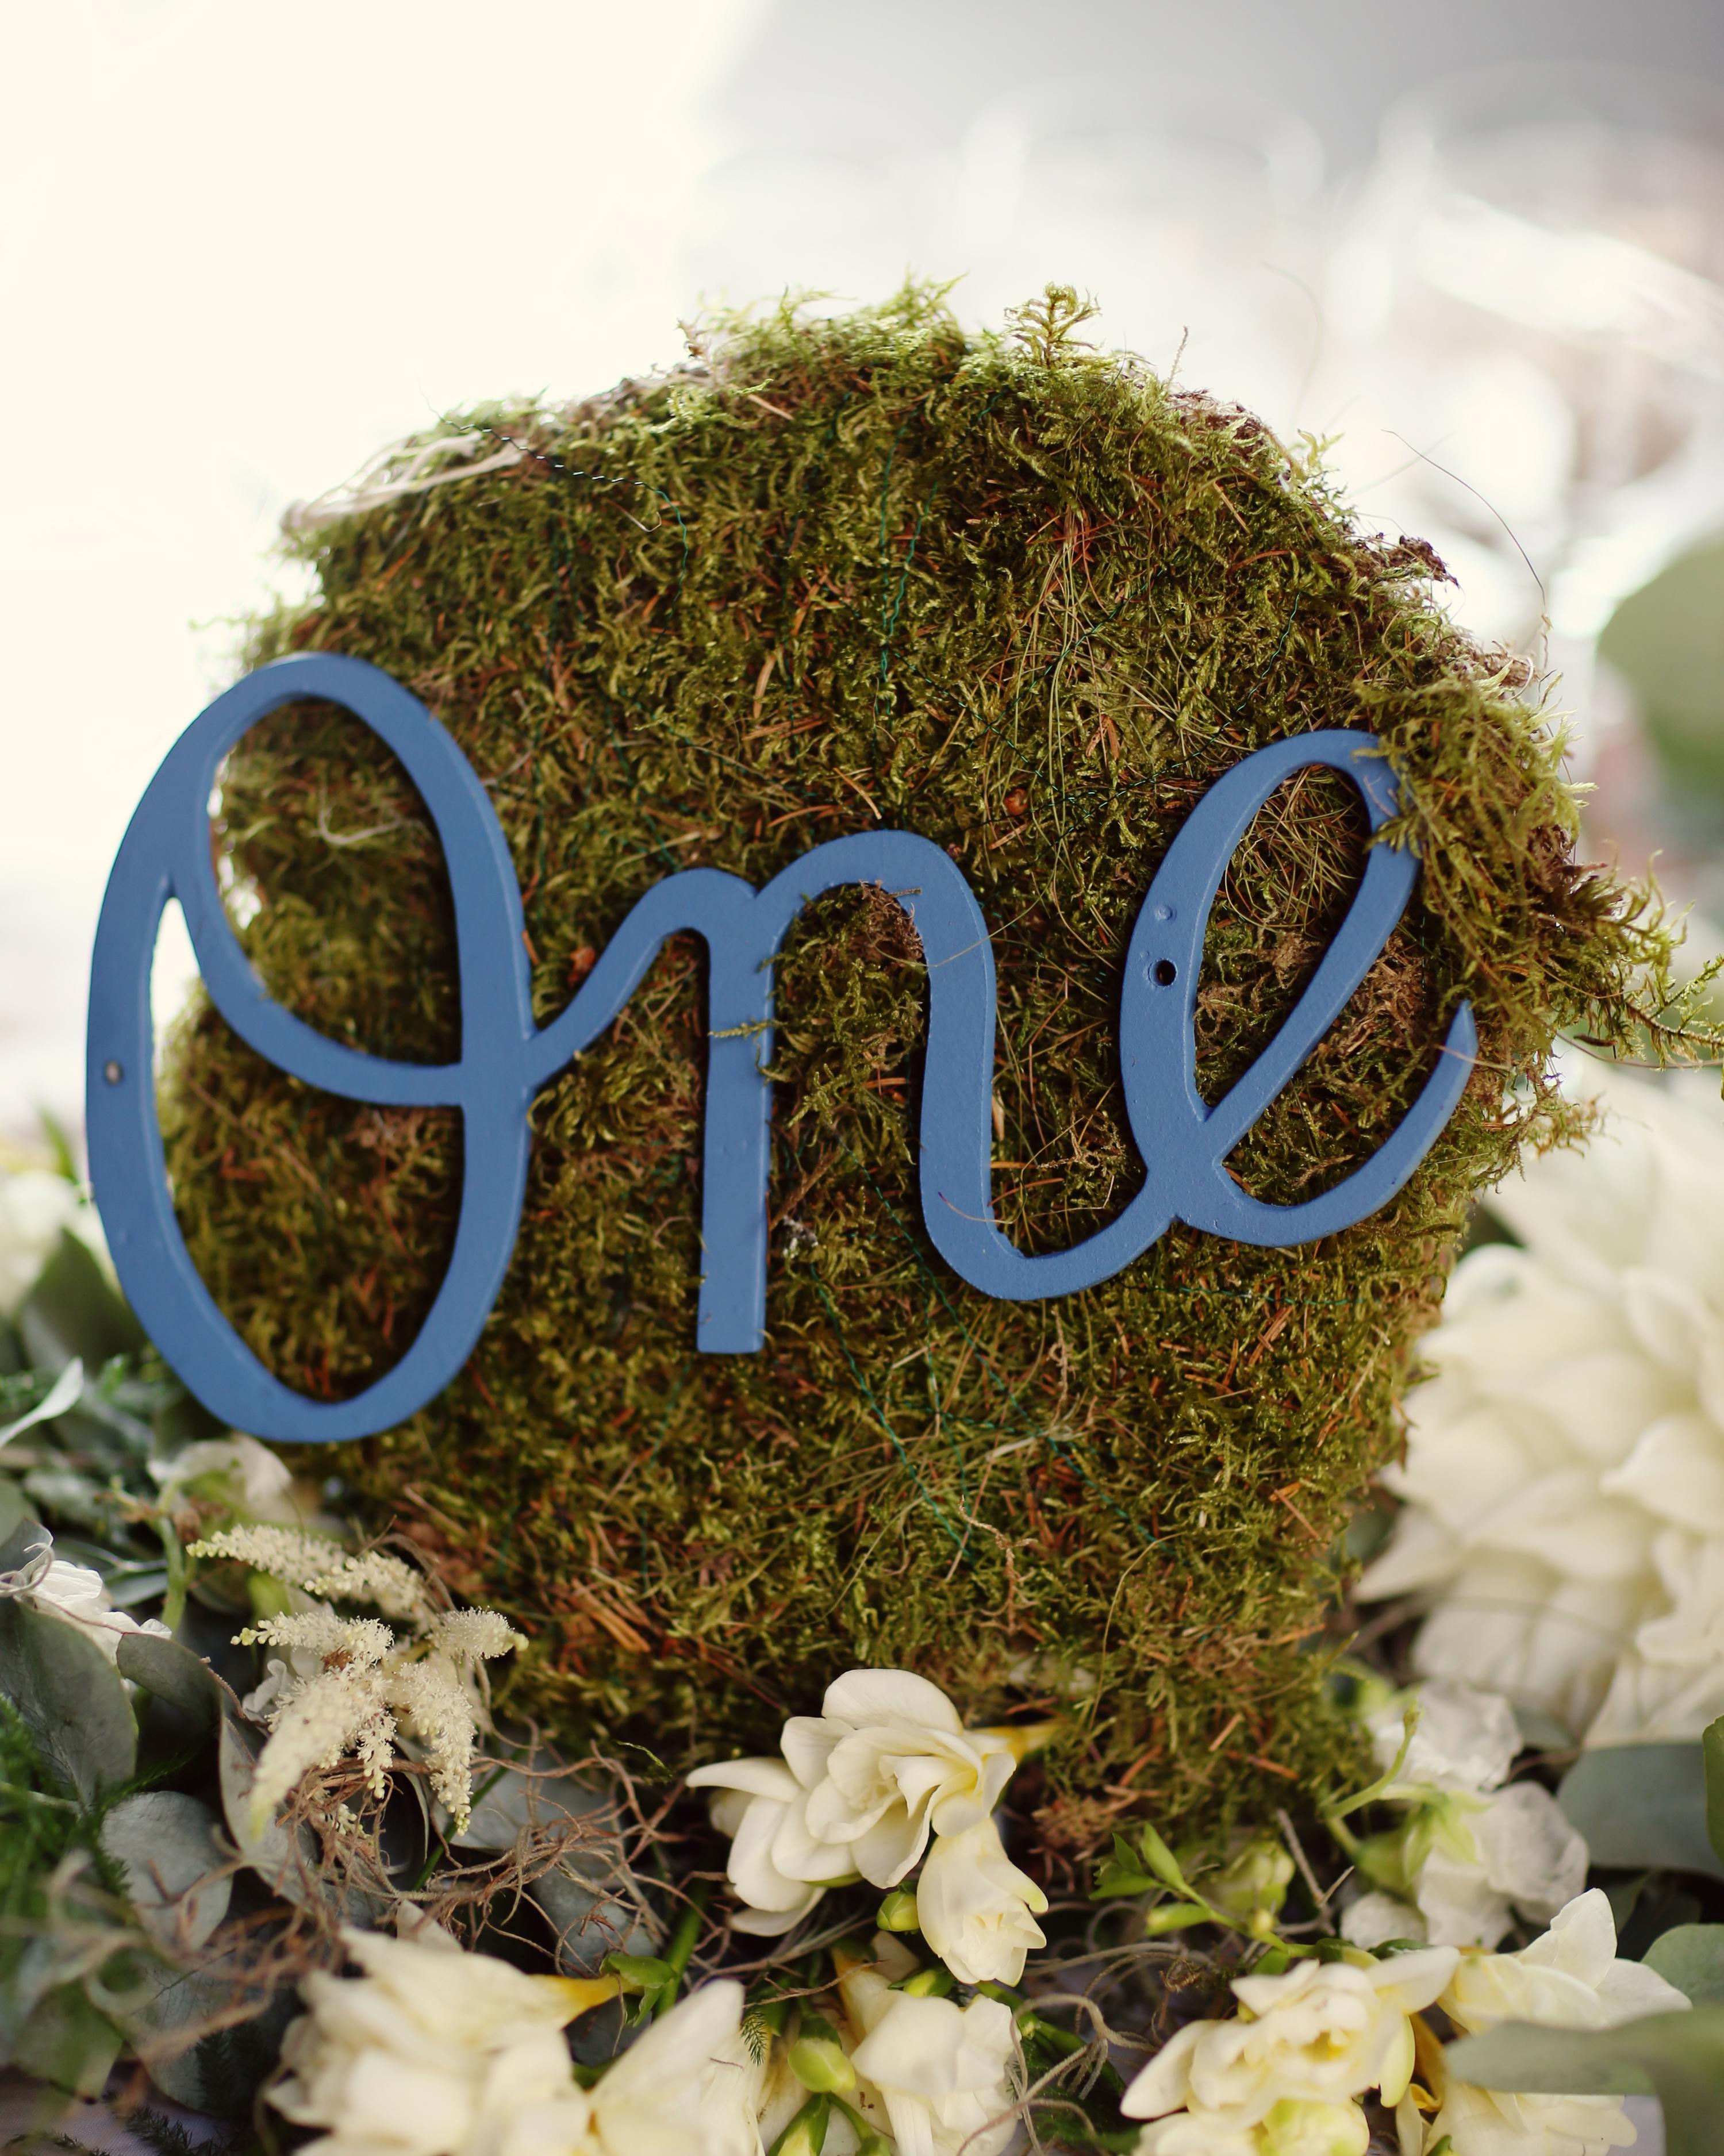 lindsay-andy-wedding-tablenumber-4388-s111659-1114.jpg